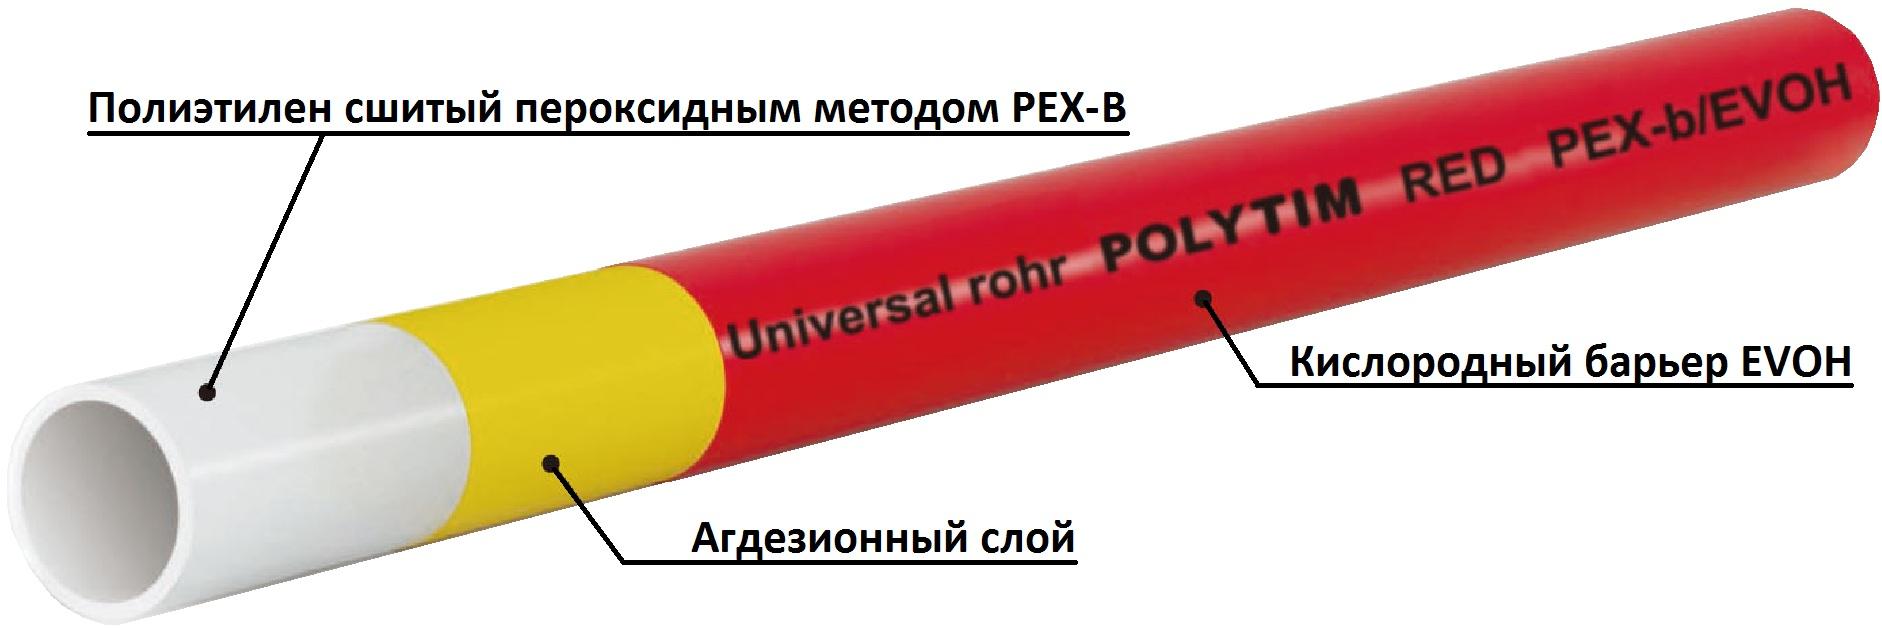 Сшитый полиэтилен производства россия 81